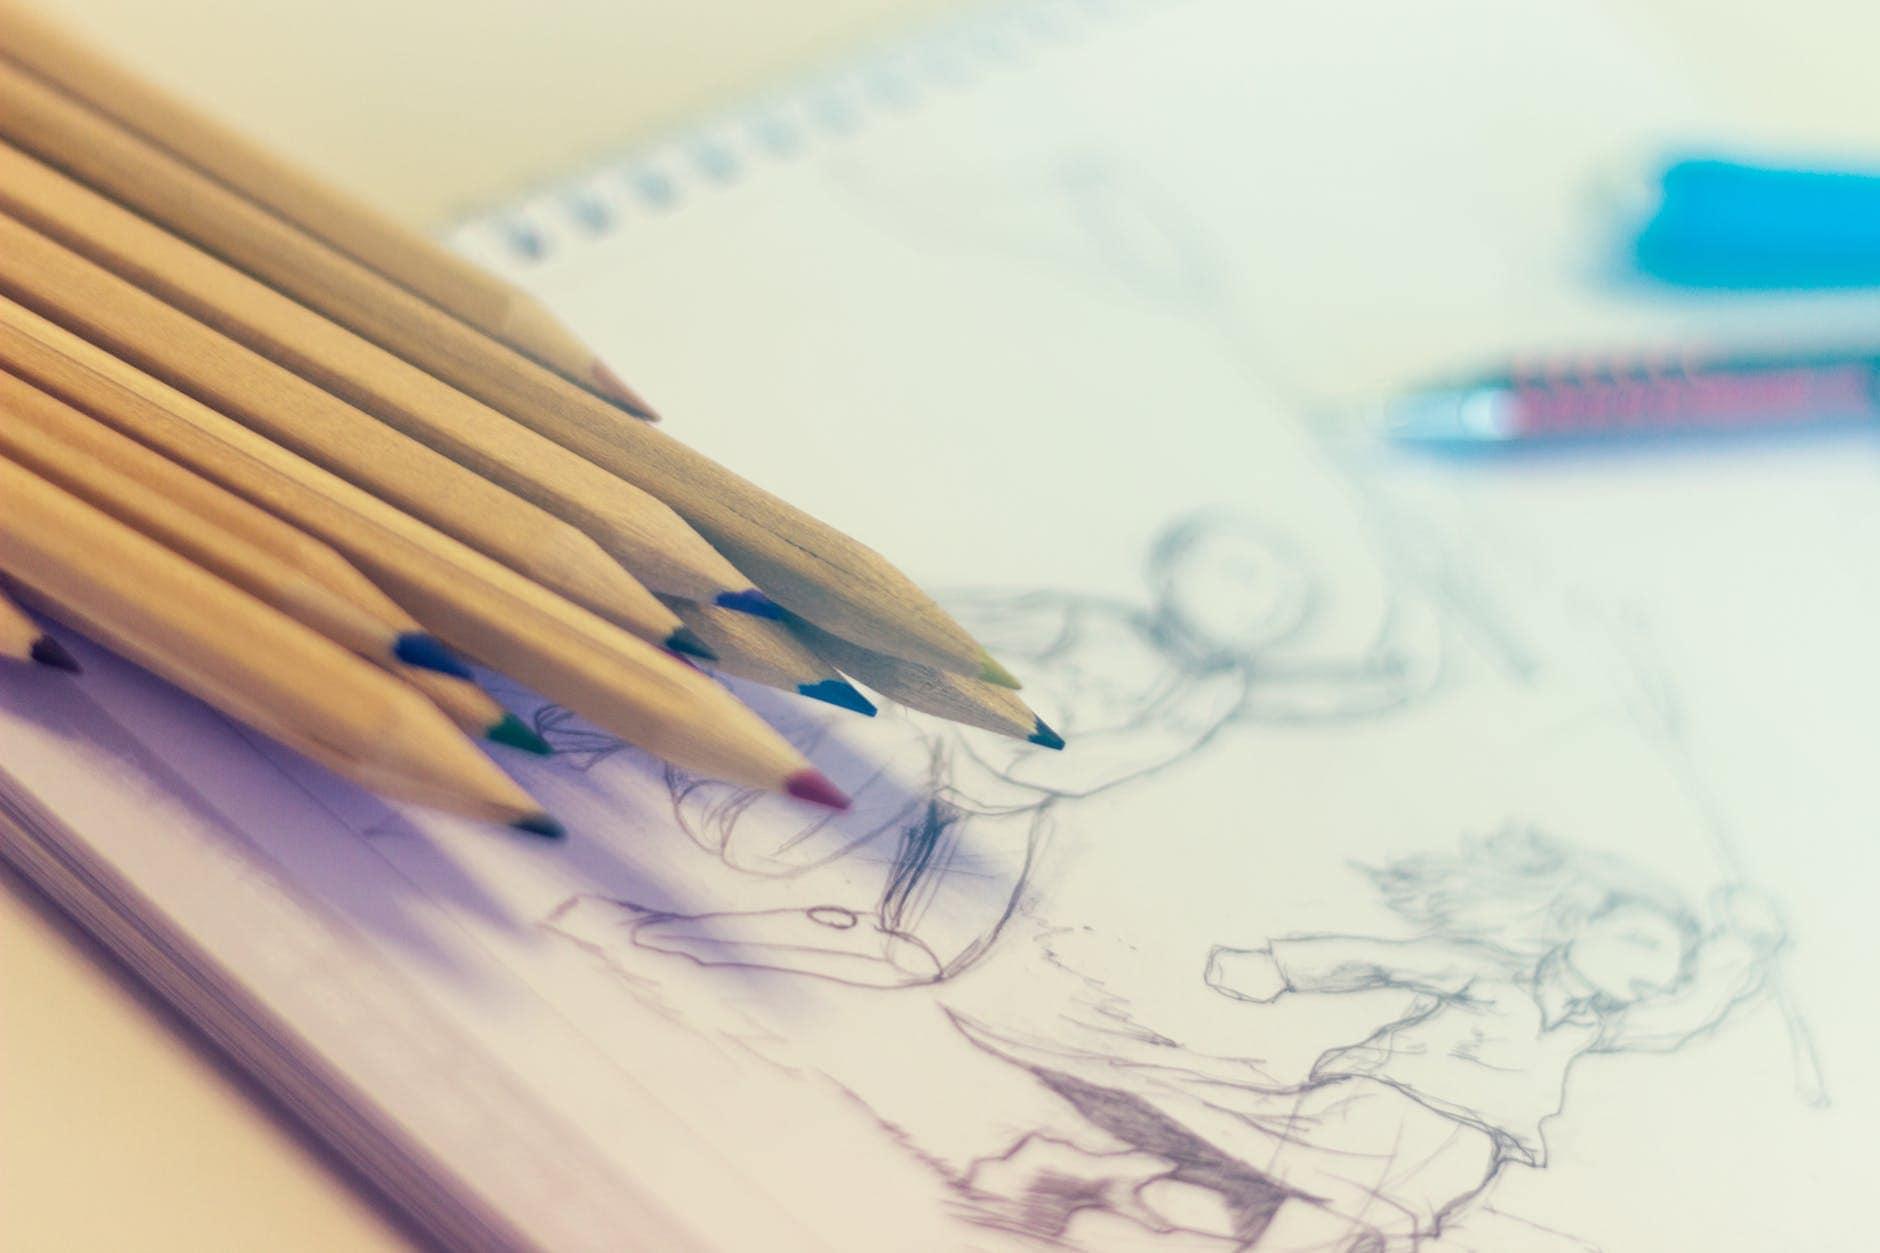 Цифровая живопись уроки: Научитесь рисовать в Photoshop и с планшетом